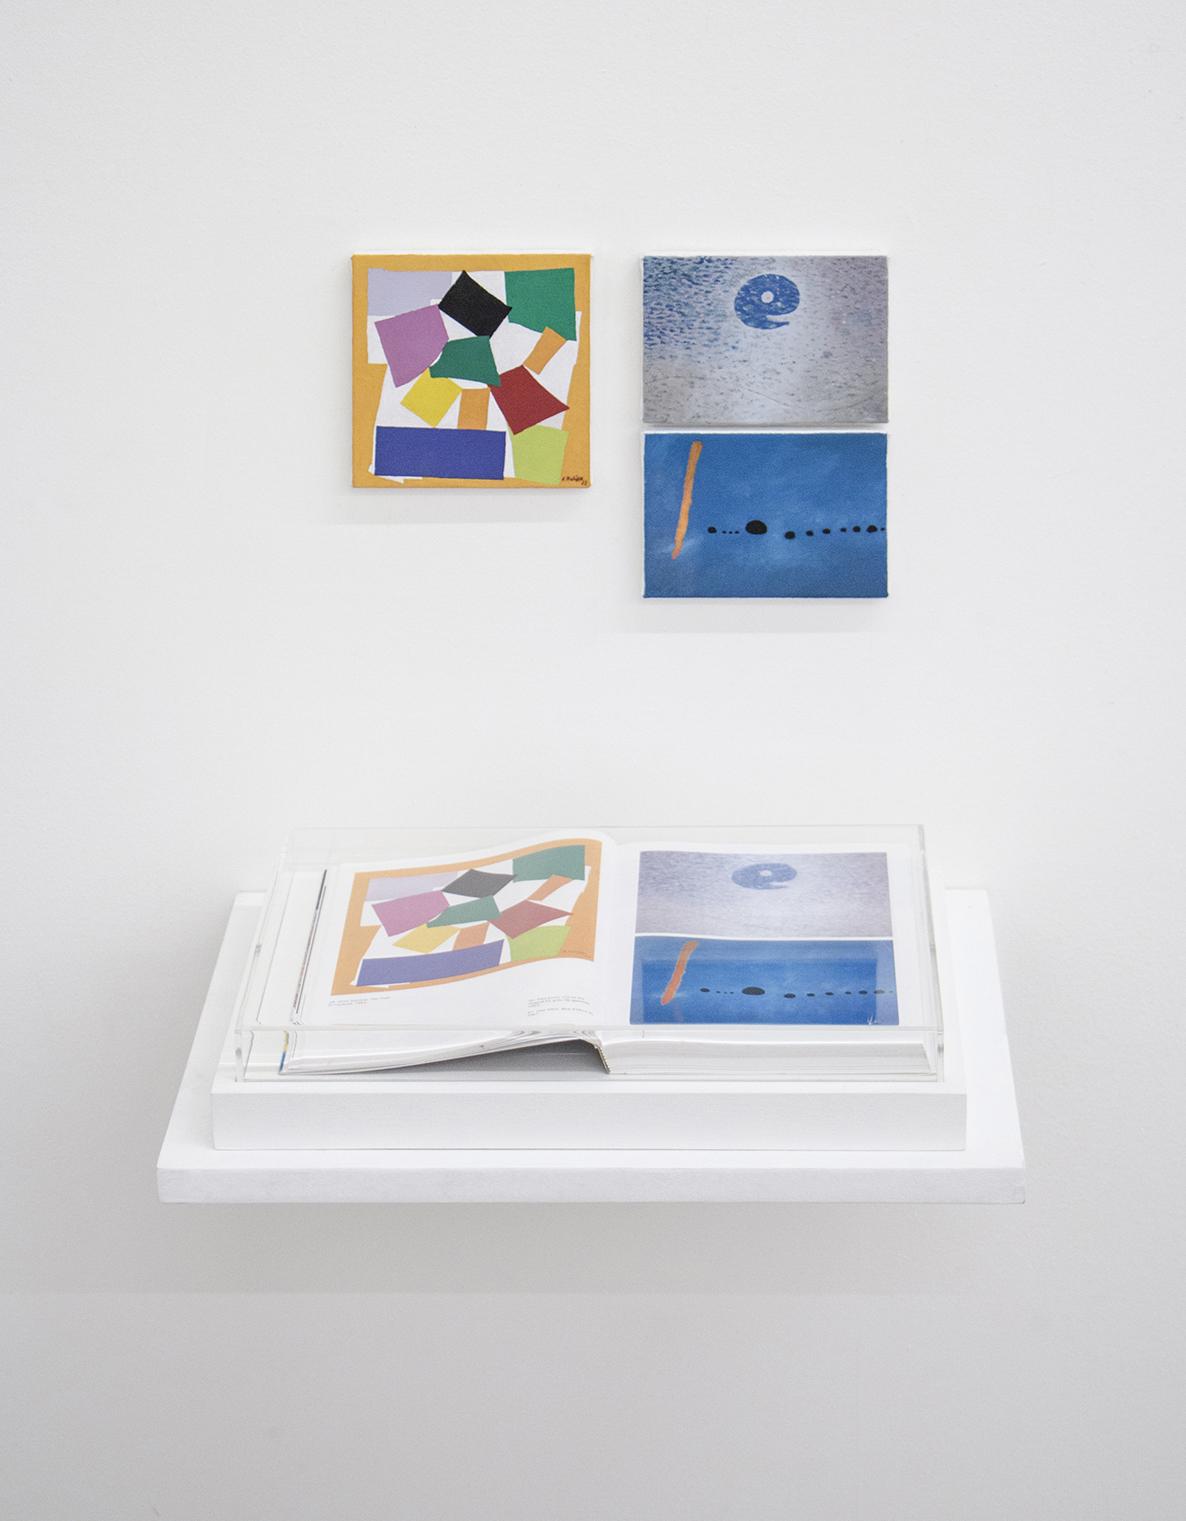 Páginas sem número (série Foi Assim Que Me Ensinaram) •2014 •Livro emoldurado, óleo sobre tela •21,5 x 31 cm (livro), 13 x 13 cm, 12,5 x 9 cm, 12,5 x 9 cm